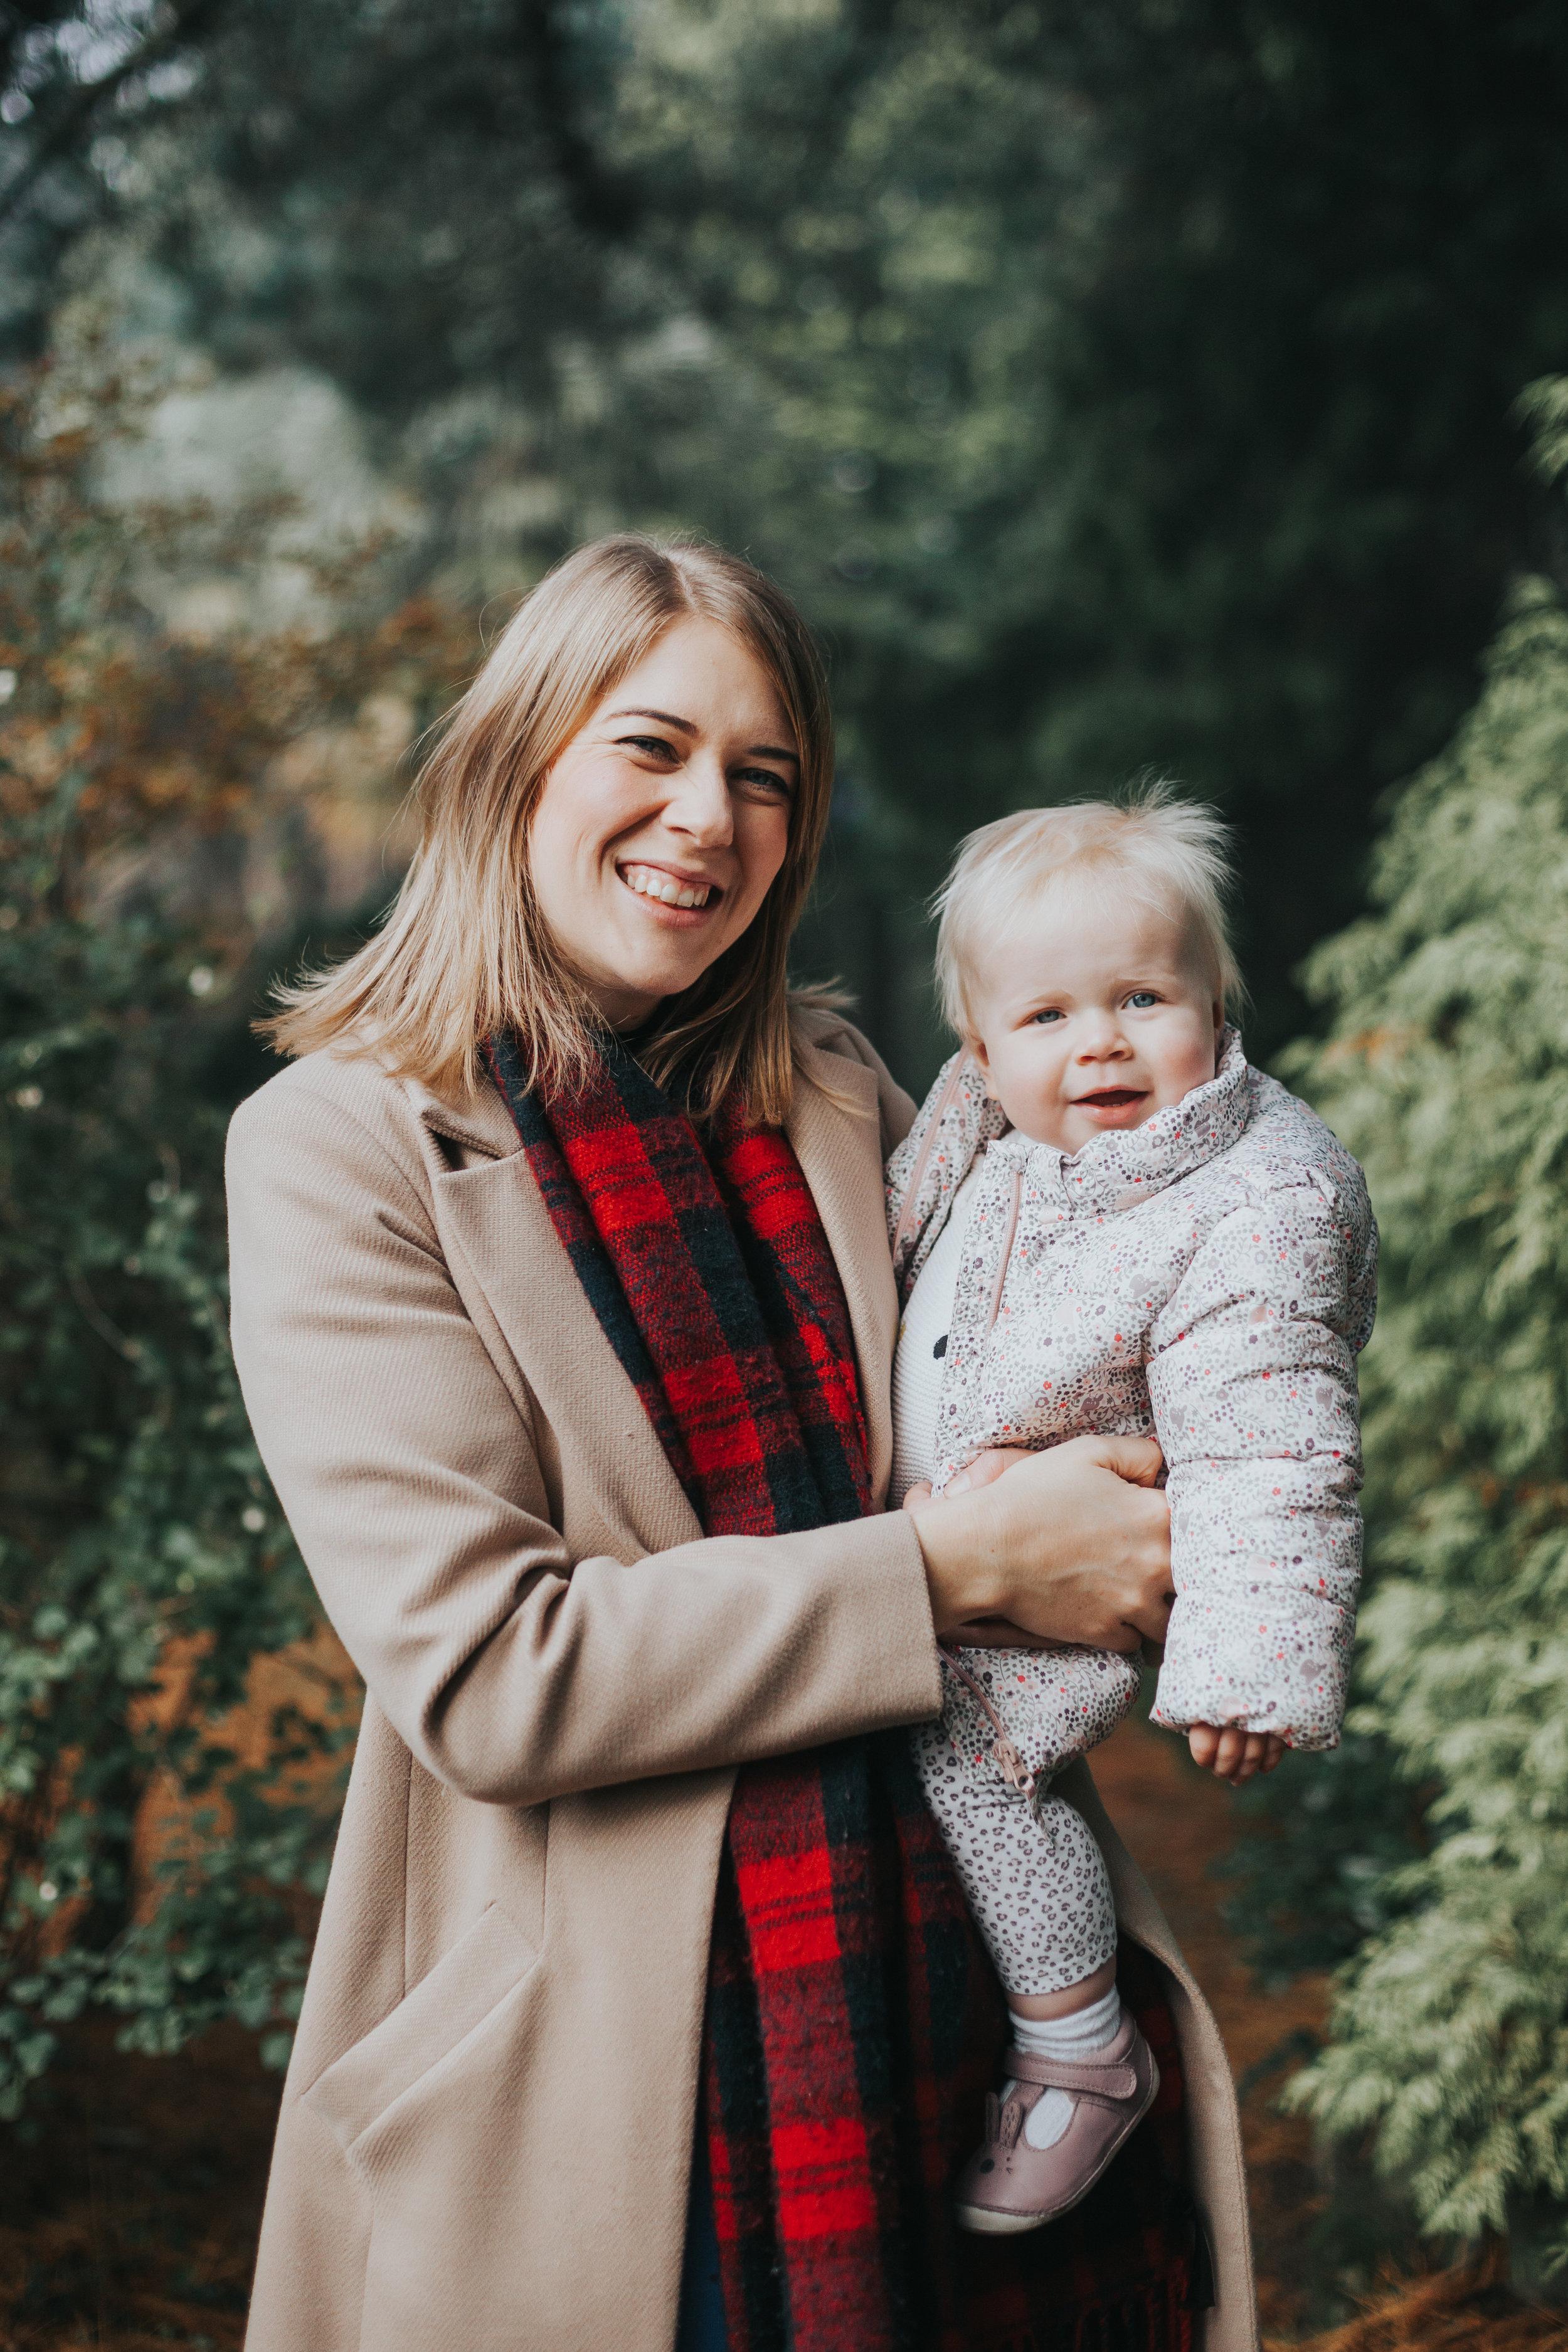 Evie and Mum.